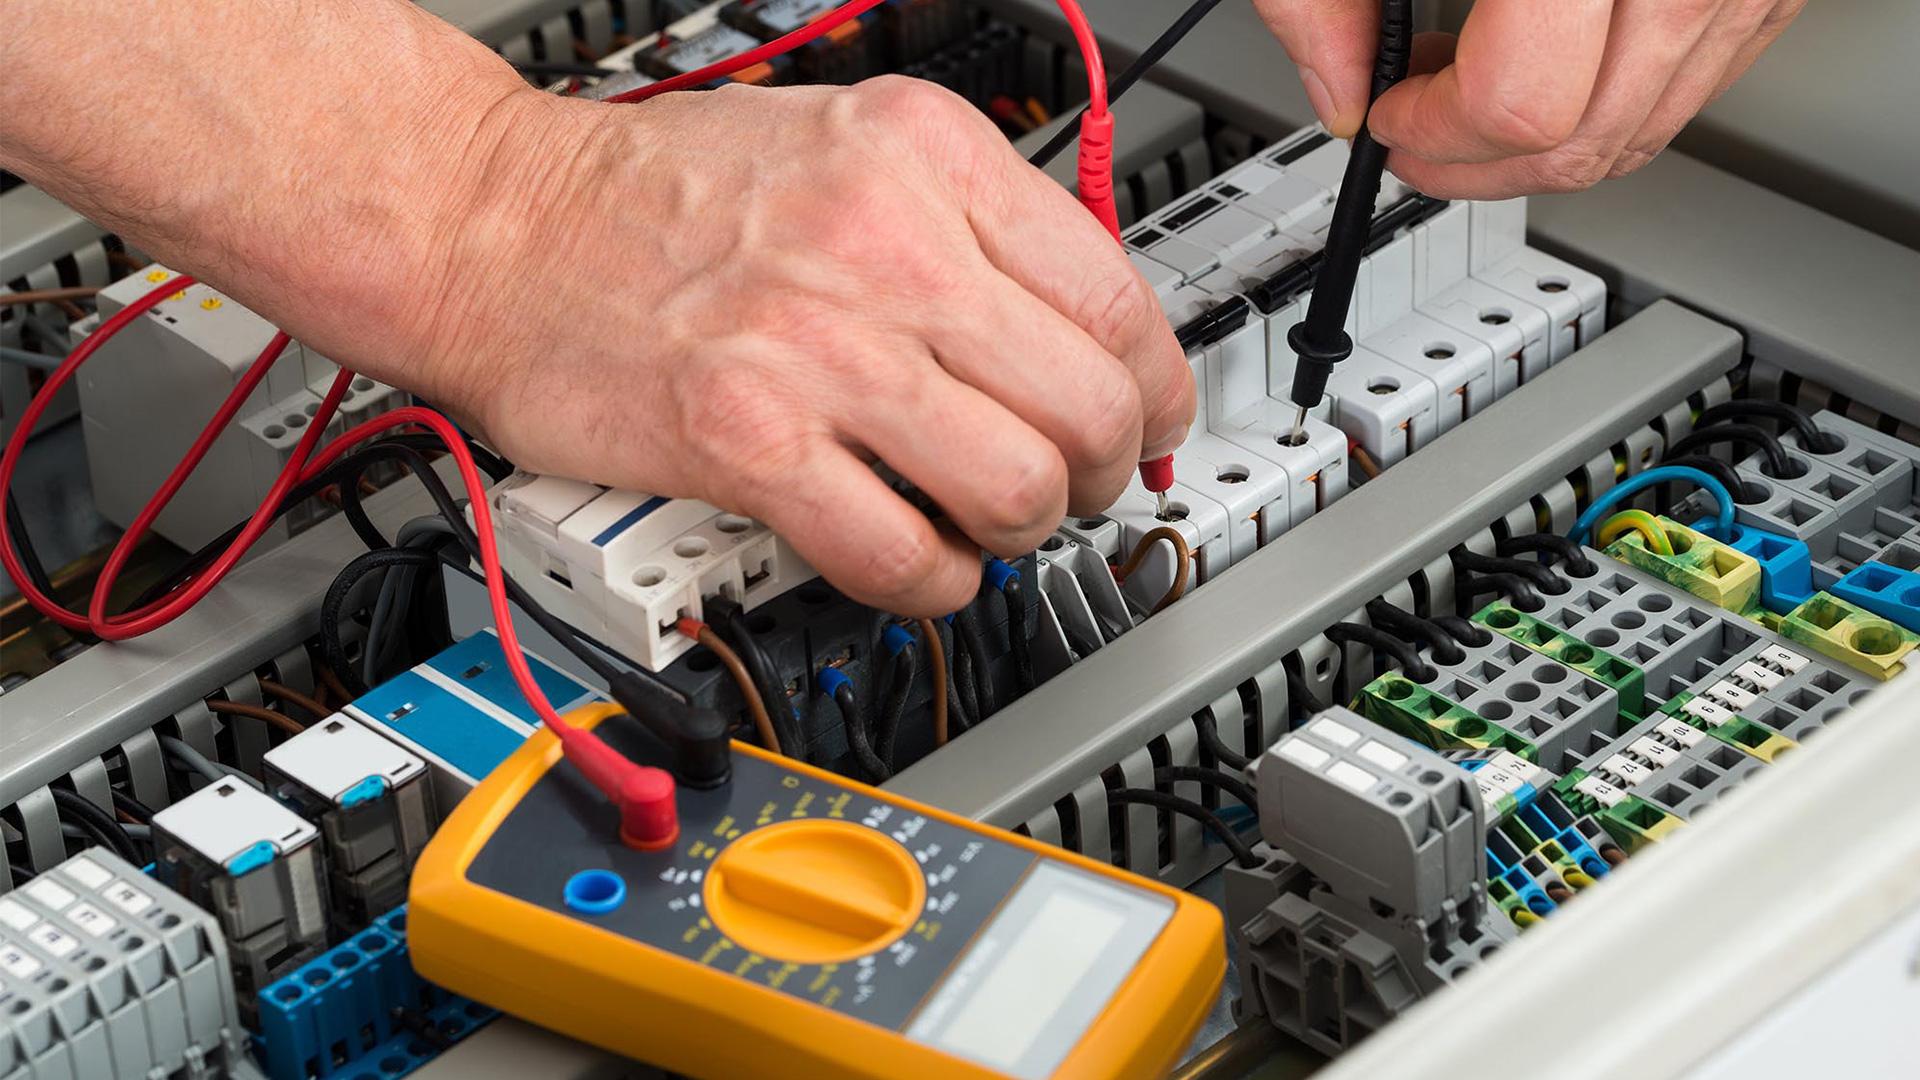 requisiti fondamentali per intraprendere il mestiere di elettricista